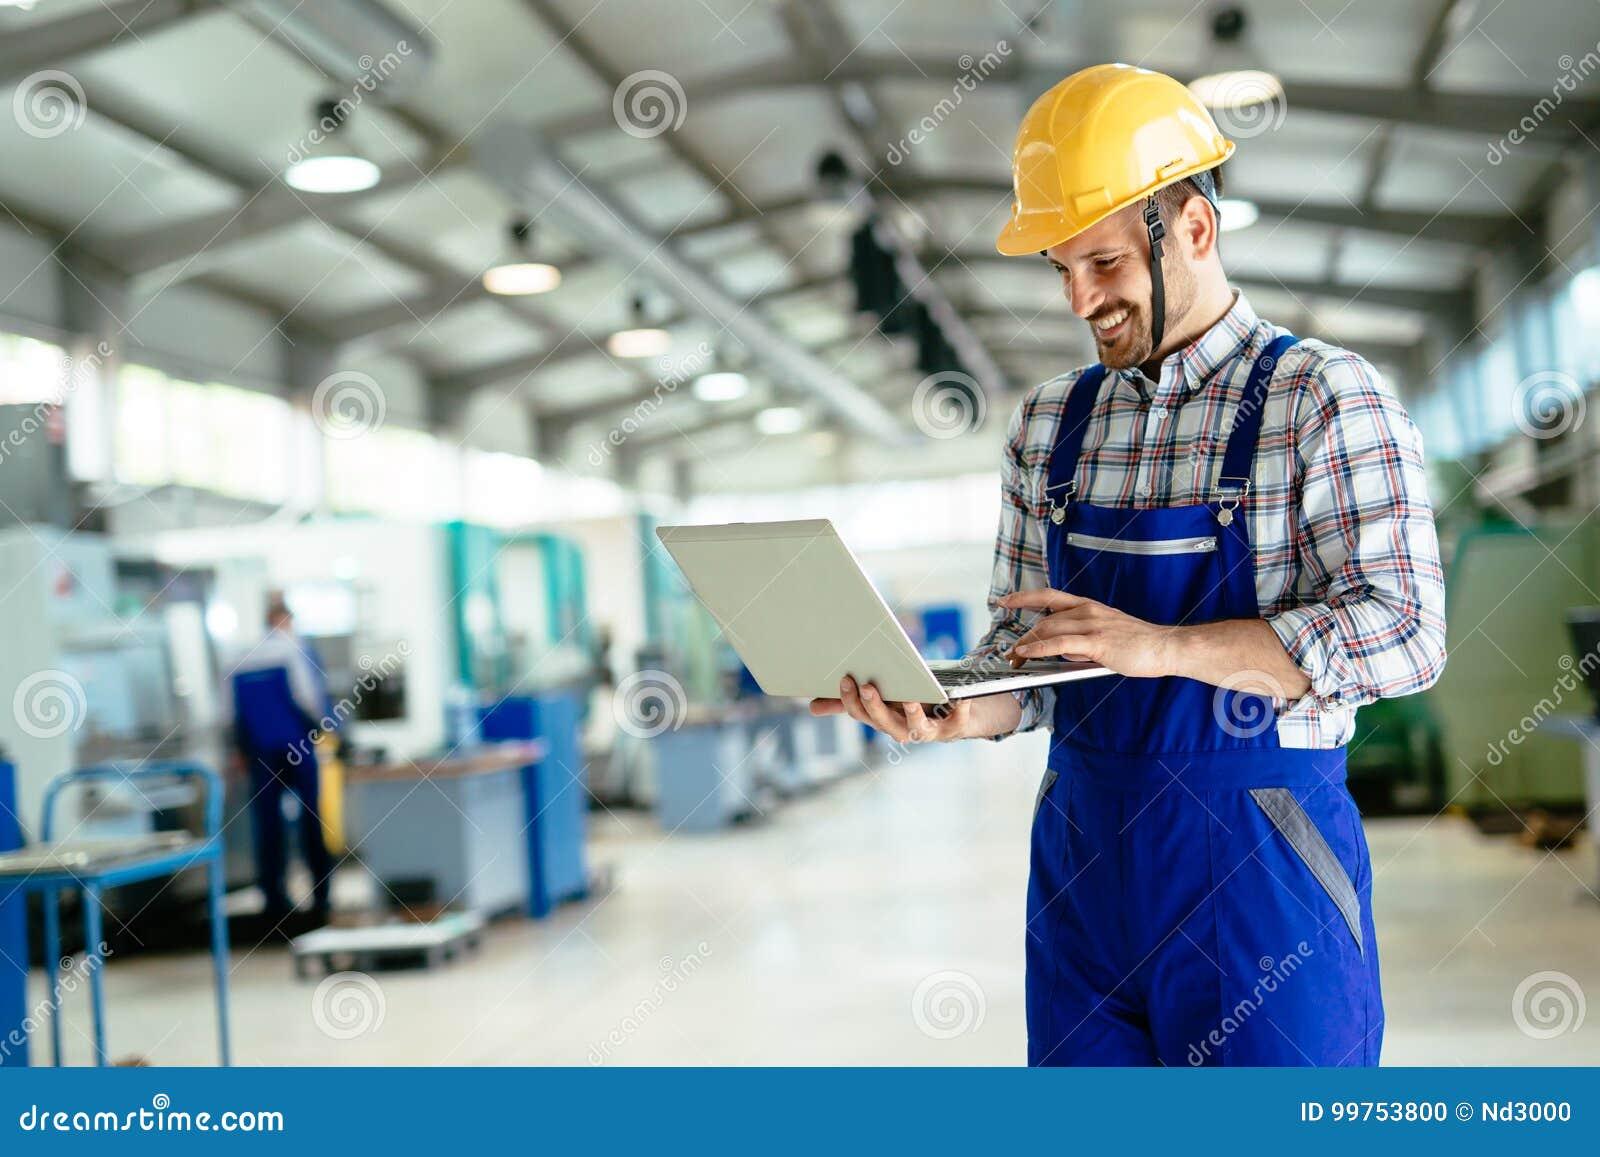 Tecnico che lavora nella fabbrica e che fa controllo di qualità